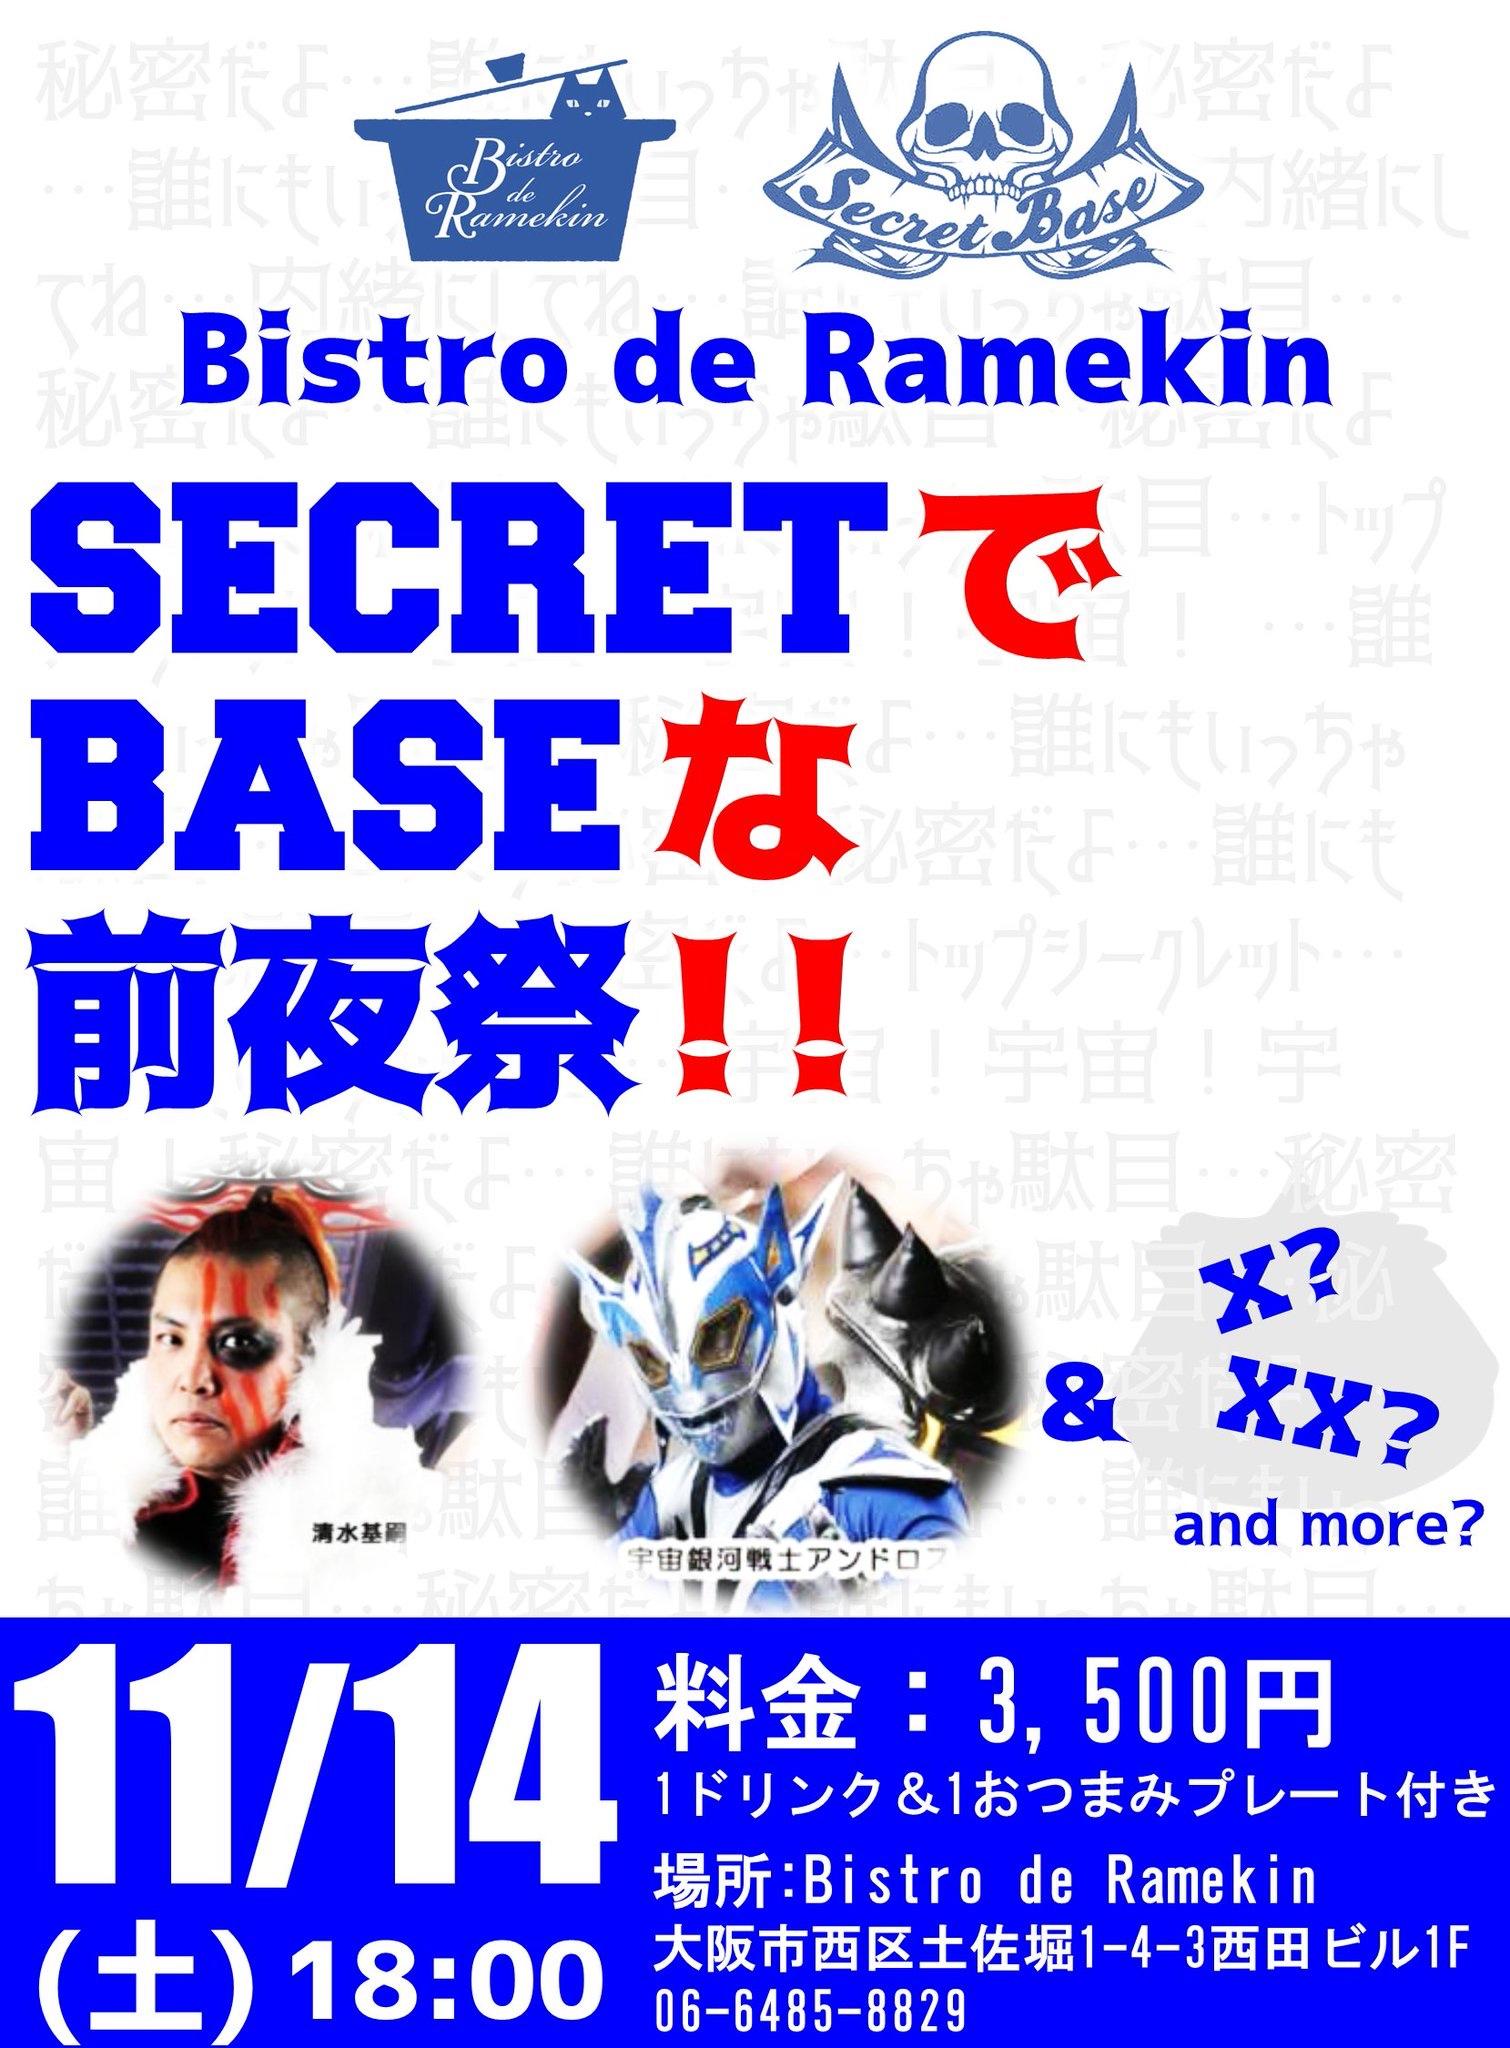 11月14日・大阪沖縄会館大会前夜祭@ビストロ・ド・ラムカンが決定!